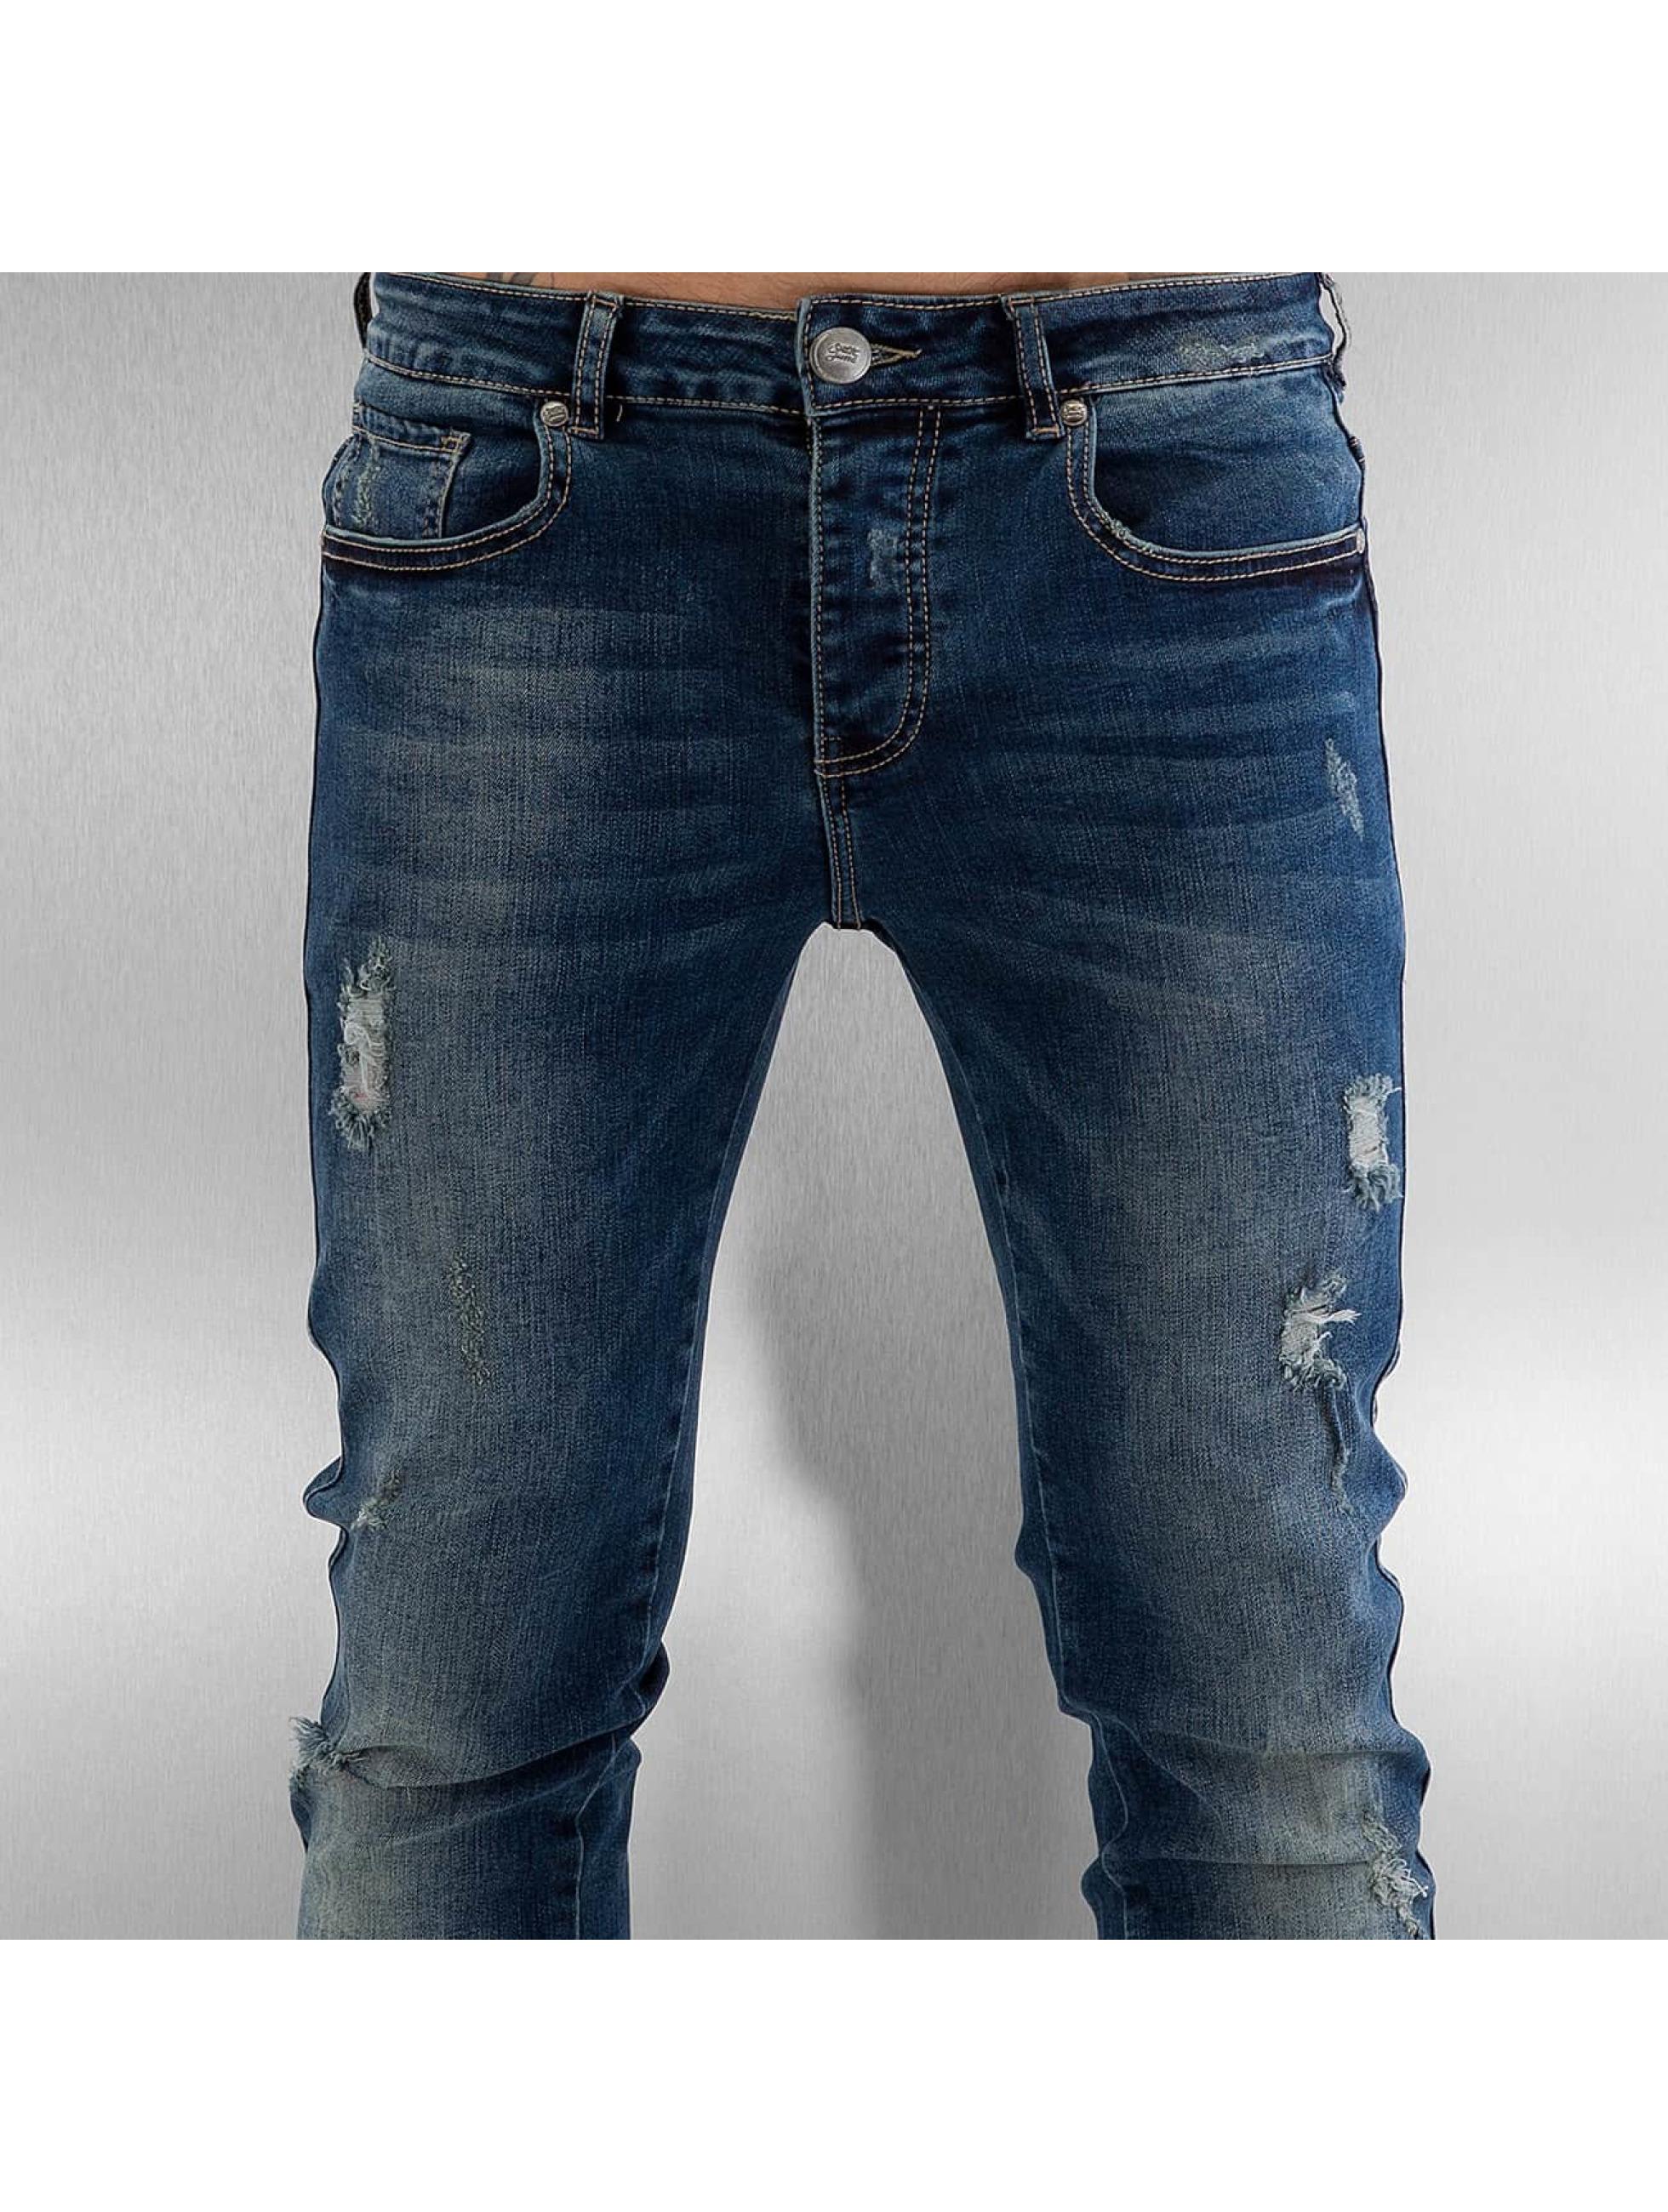 Sixth June Облегающие джинсы Elasticated синий